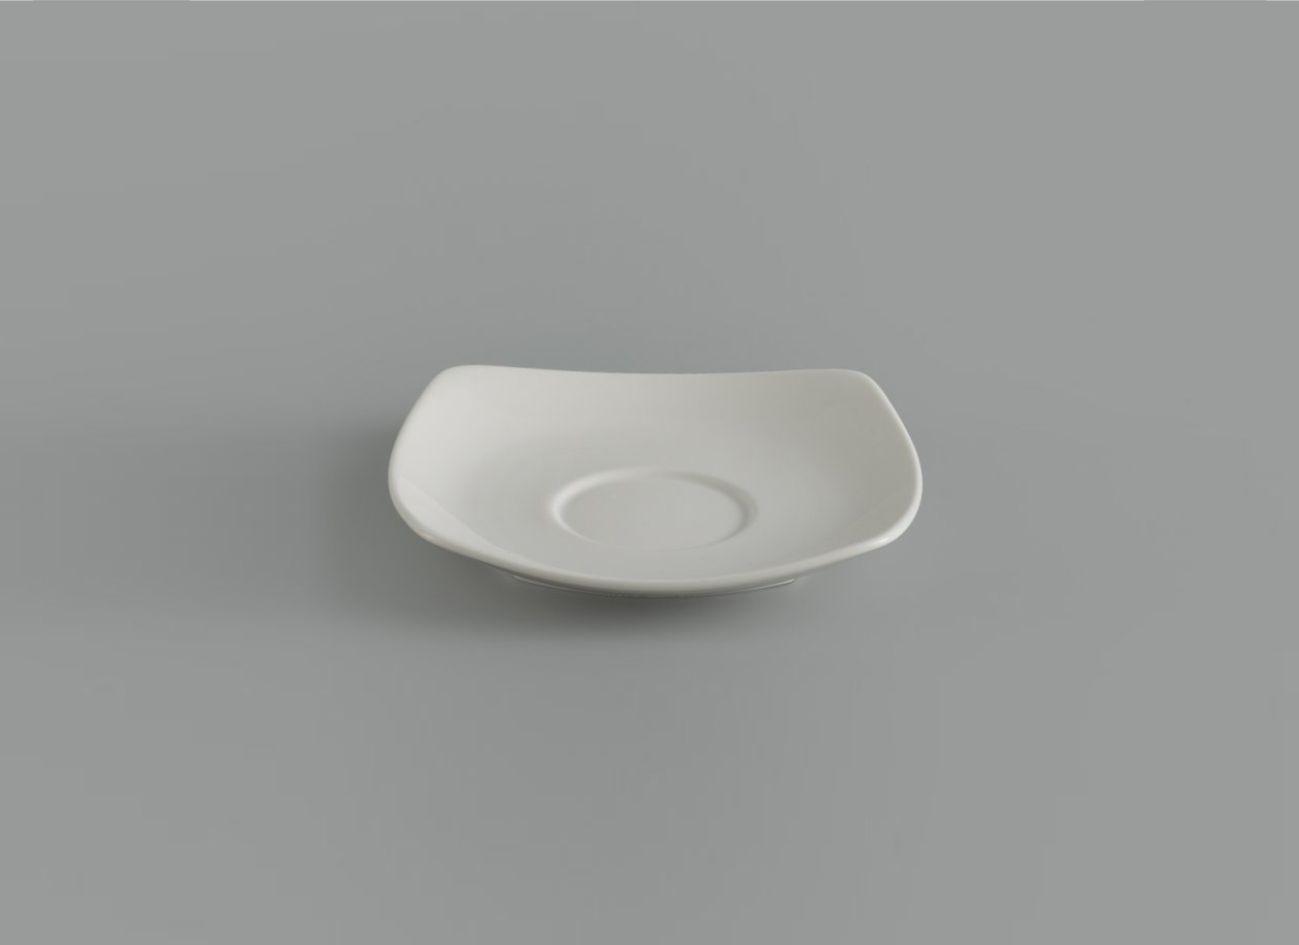 Dĩa lót chén vuông 15.5 cm Jas Lys Trắng Ngà 411506000